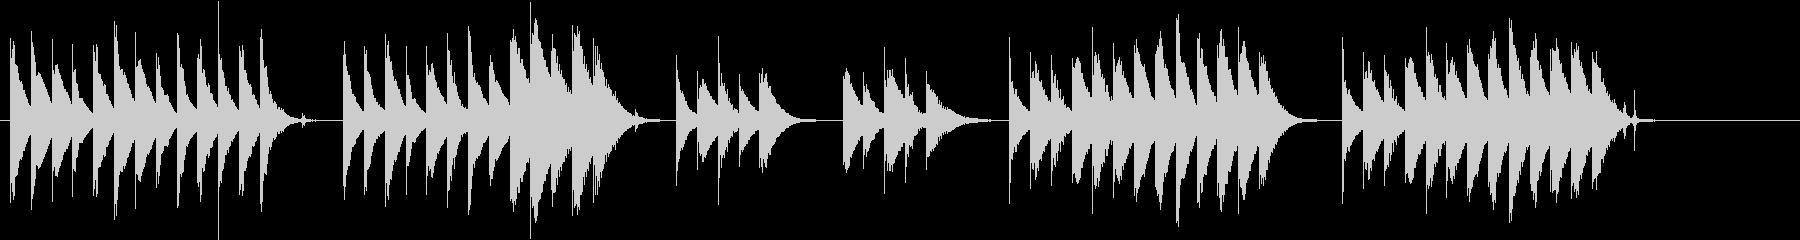 木琴の音が特徴のほのぼのとしたジングルの未再生の波形